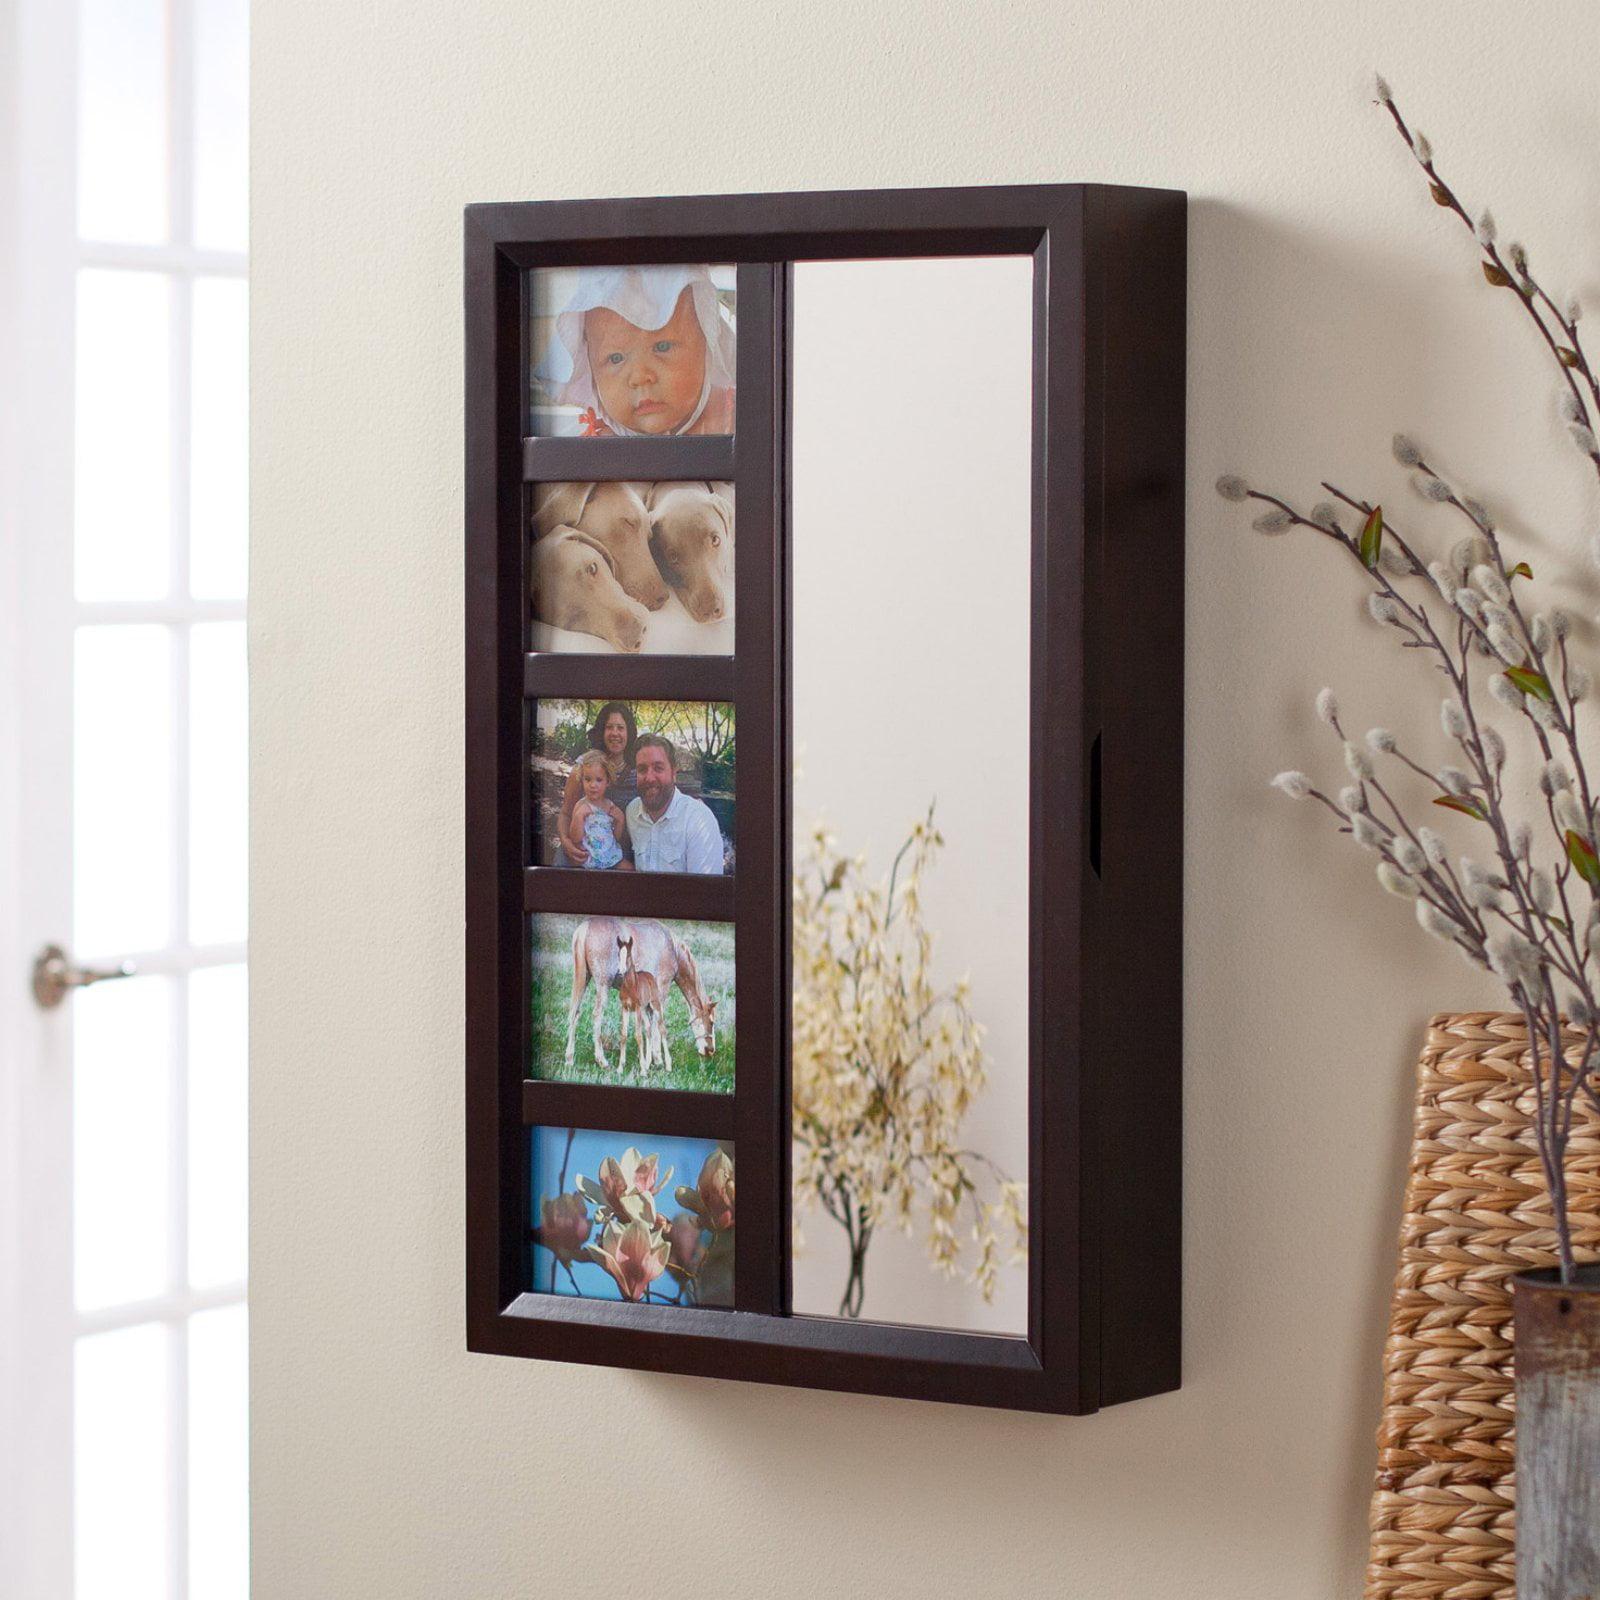 Photo Frames Wall Mount Jewelry Armoire Mirror Espresso 16W x